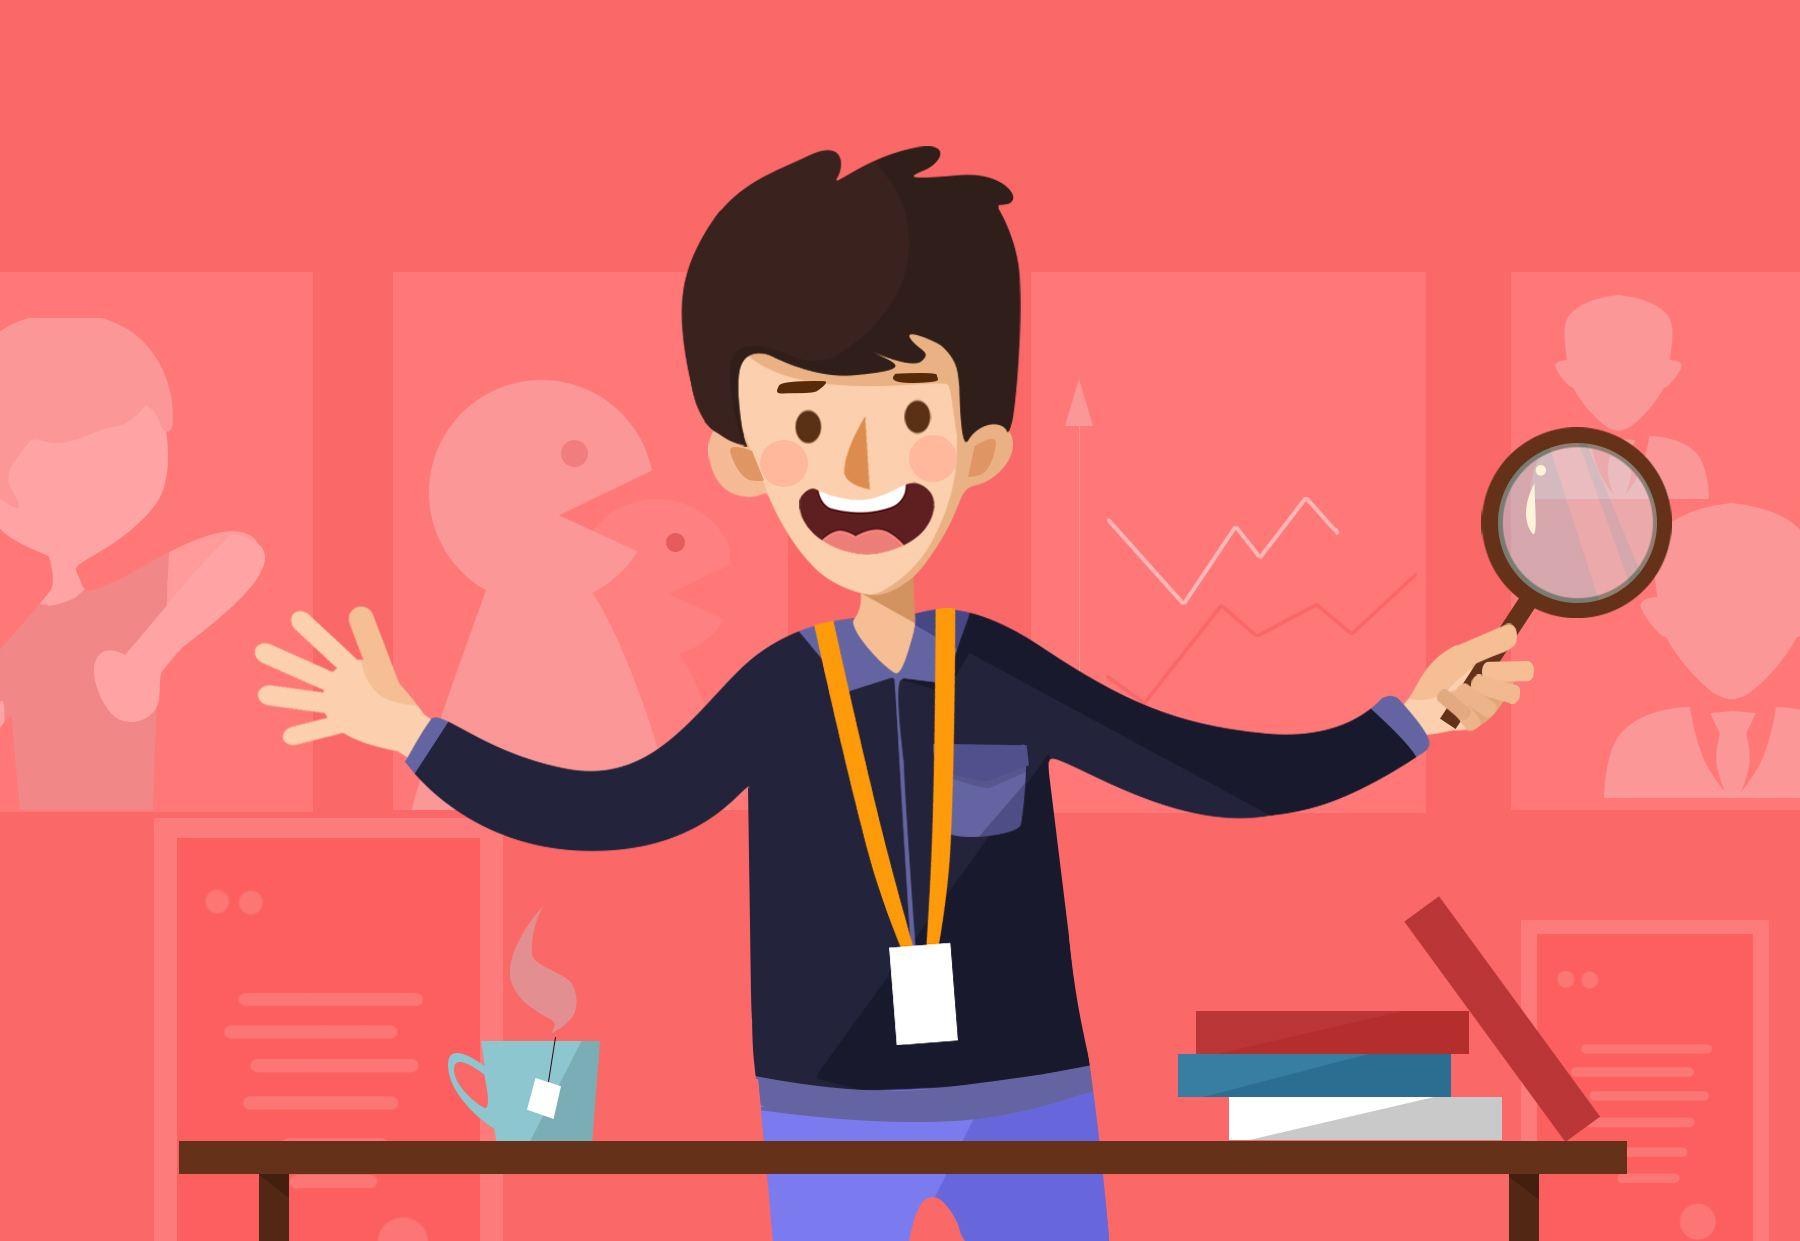 一季度求职变化: 郑州招聘活跃度持续升高